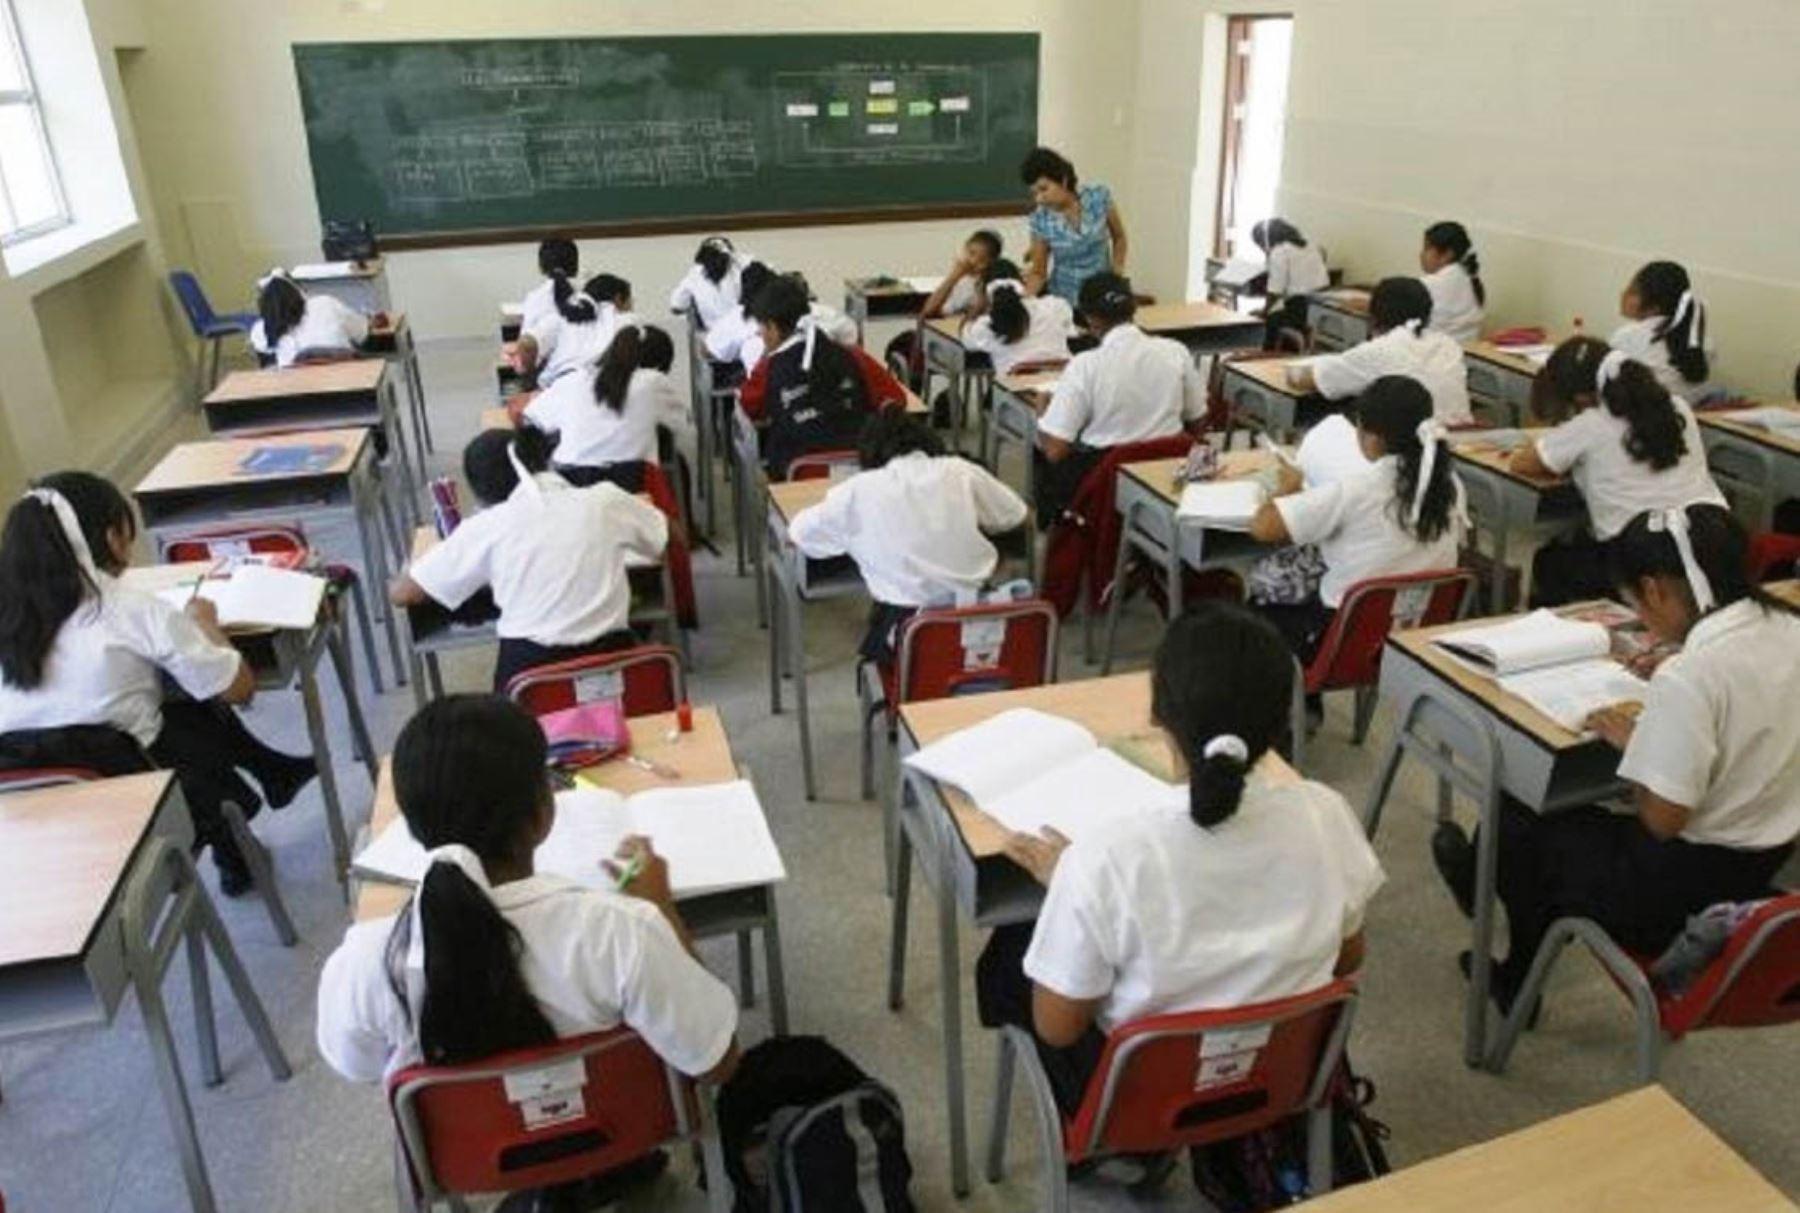 minedu-publicara-reglamento-con-condiciones-basicas-de-calidad-para-colegios-privados